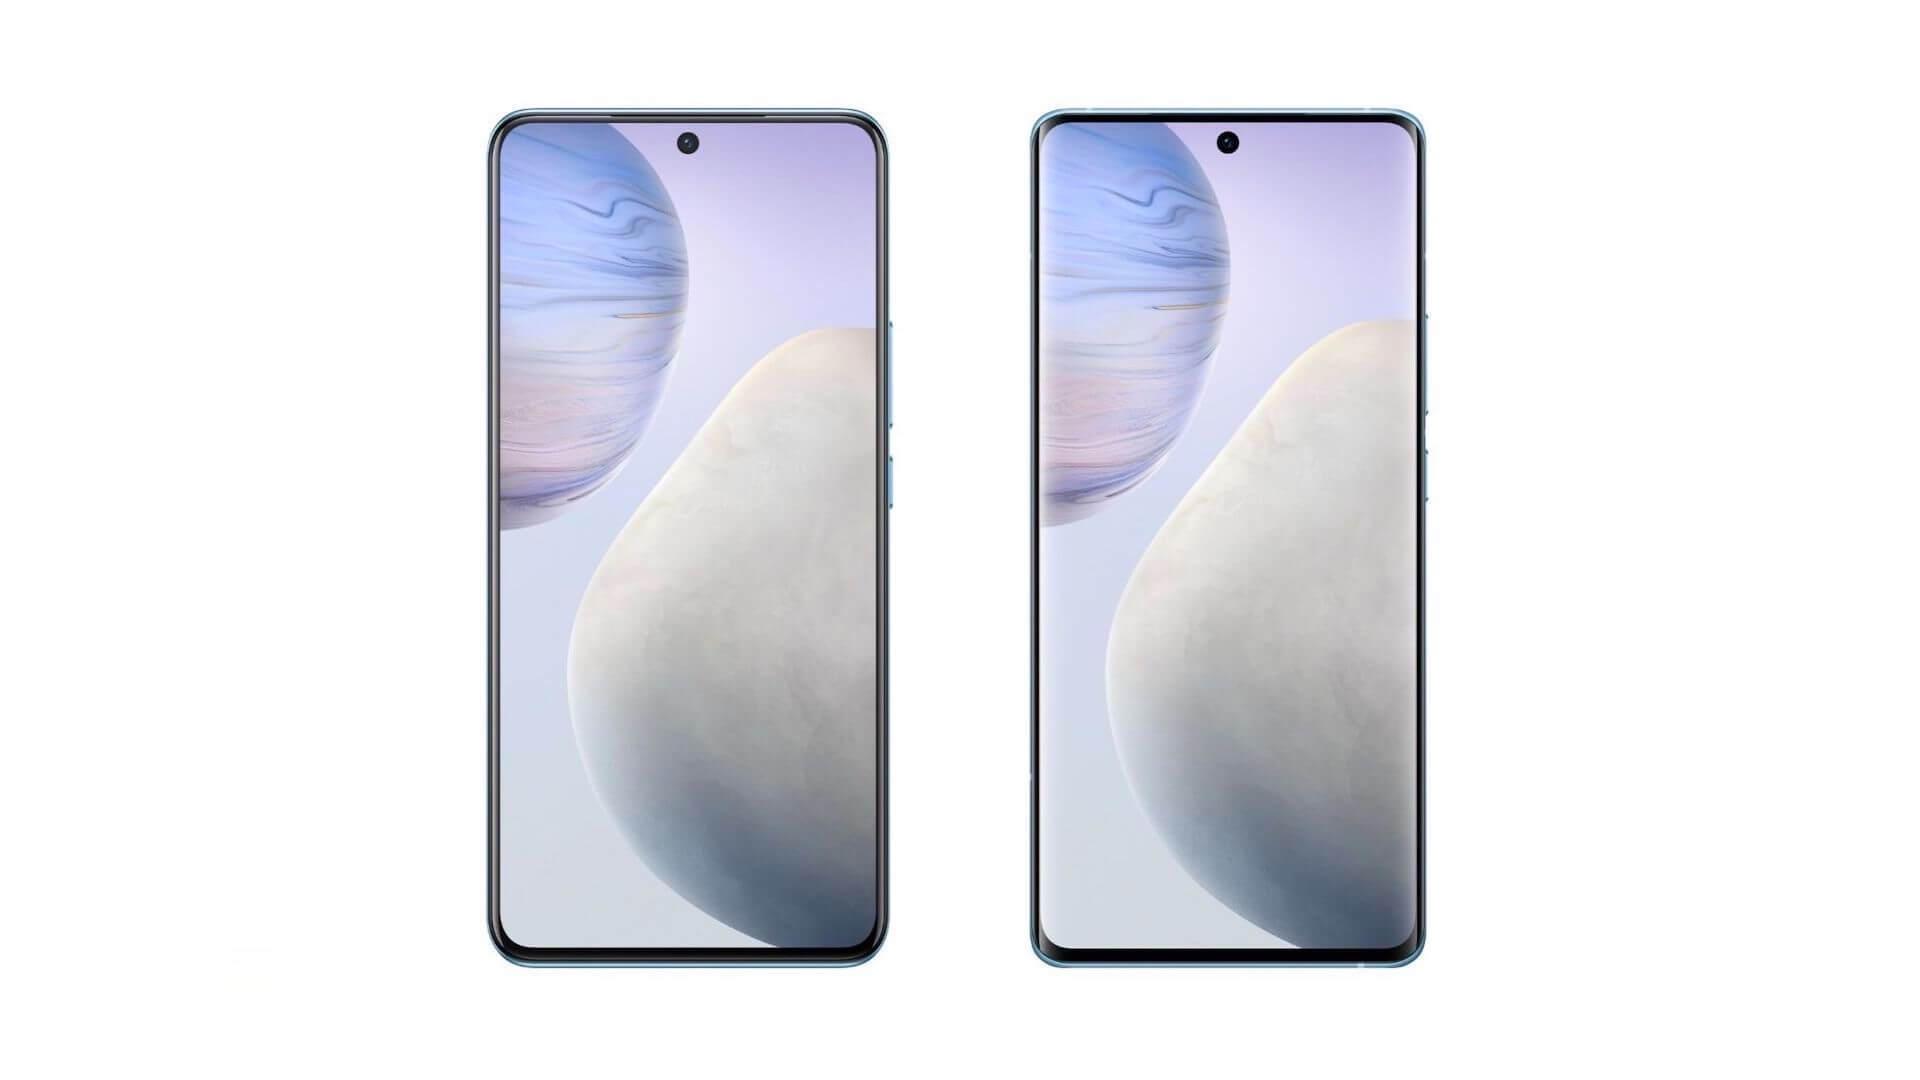 Дизайн Vivo X60 и X60 Pro раскрыт на официальных изображениях